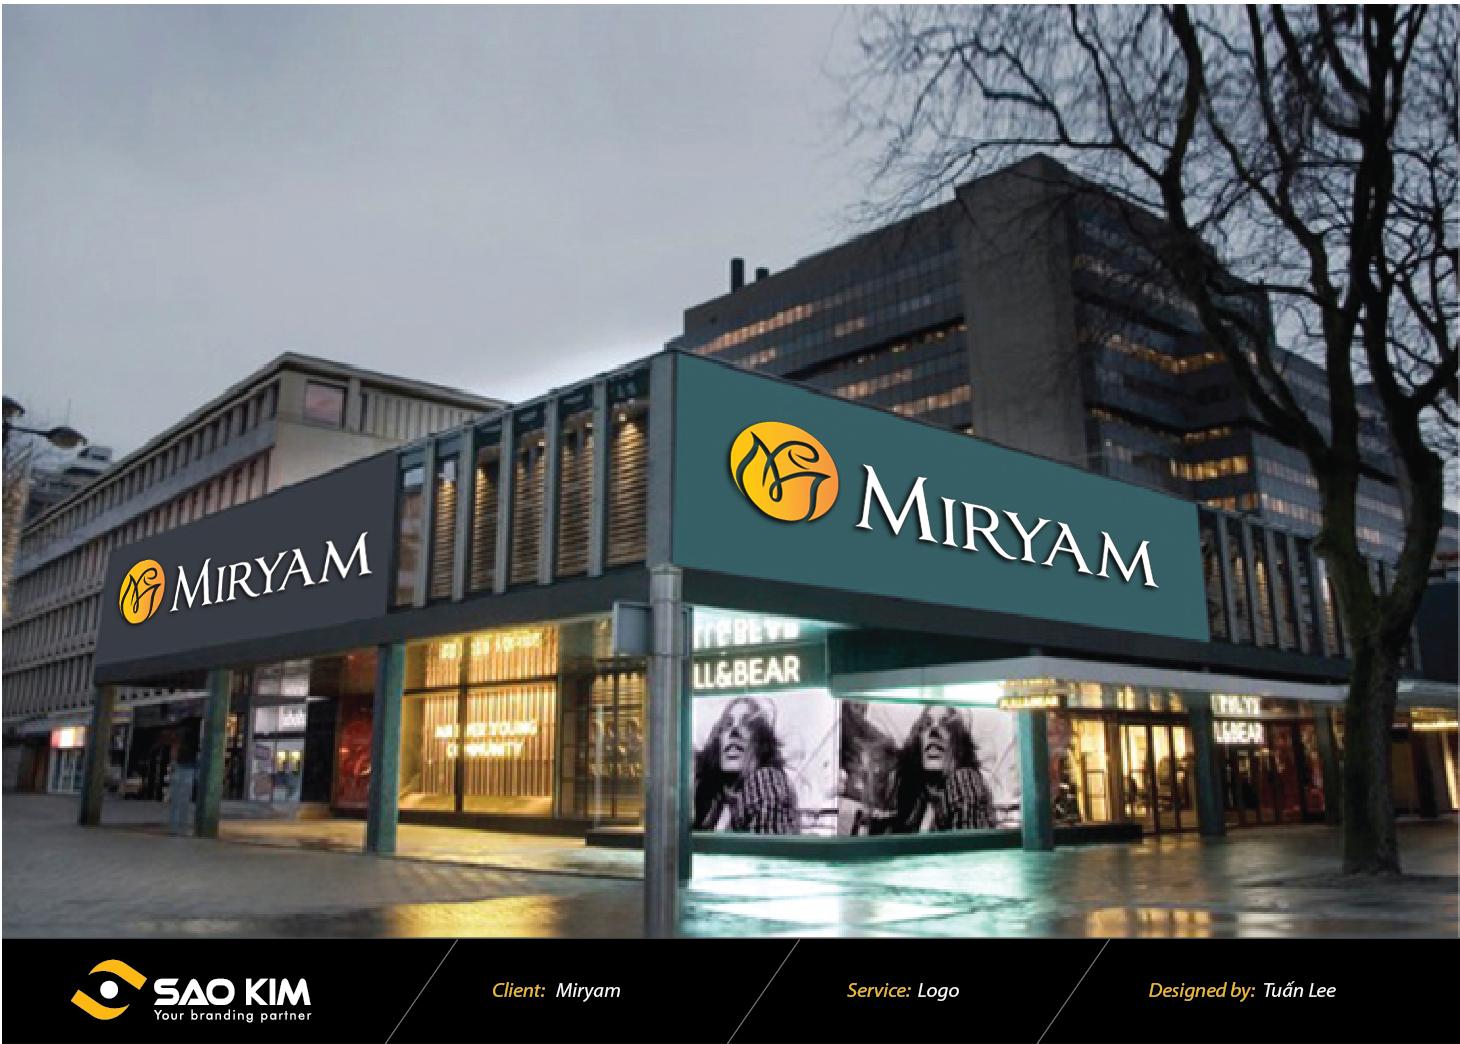 Thiết kế logo mỹ phẩm Miryam tại Hà Nội